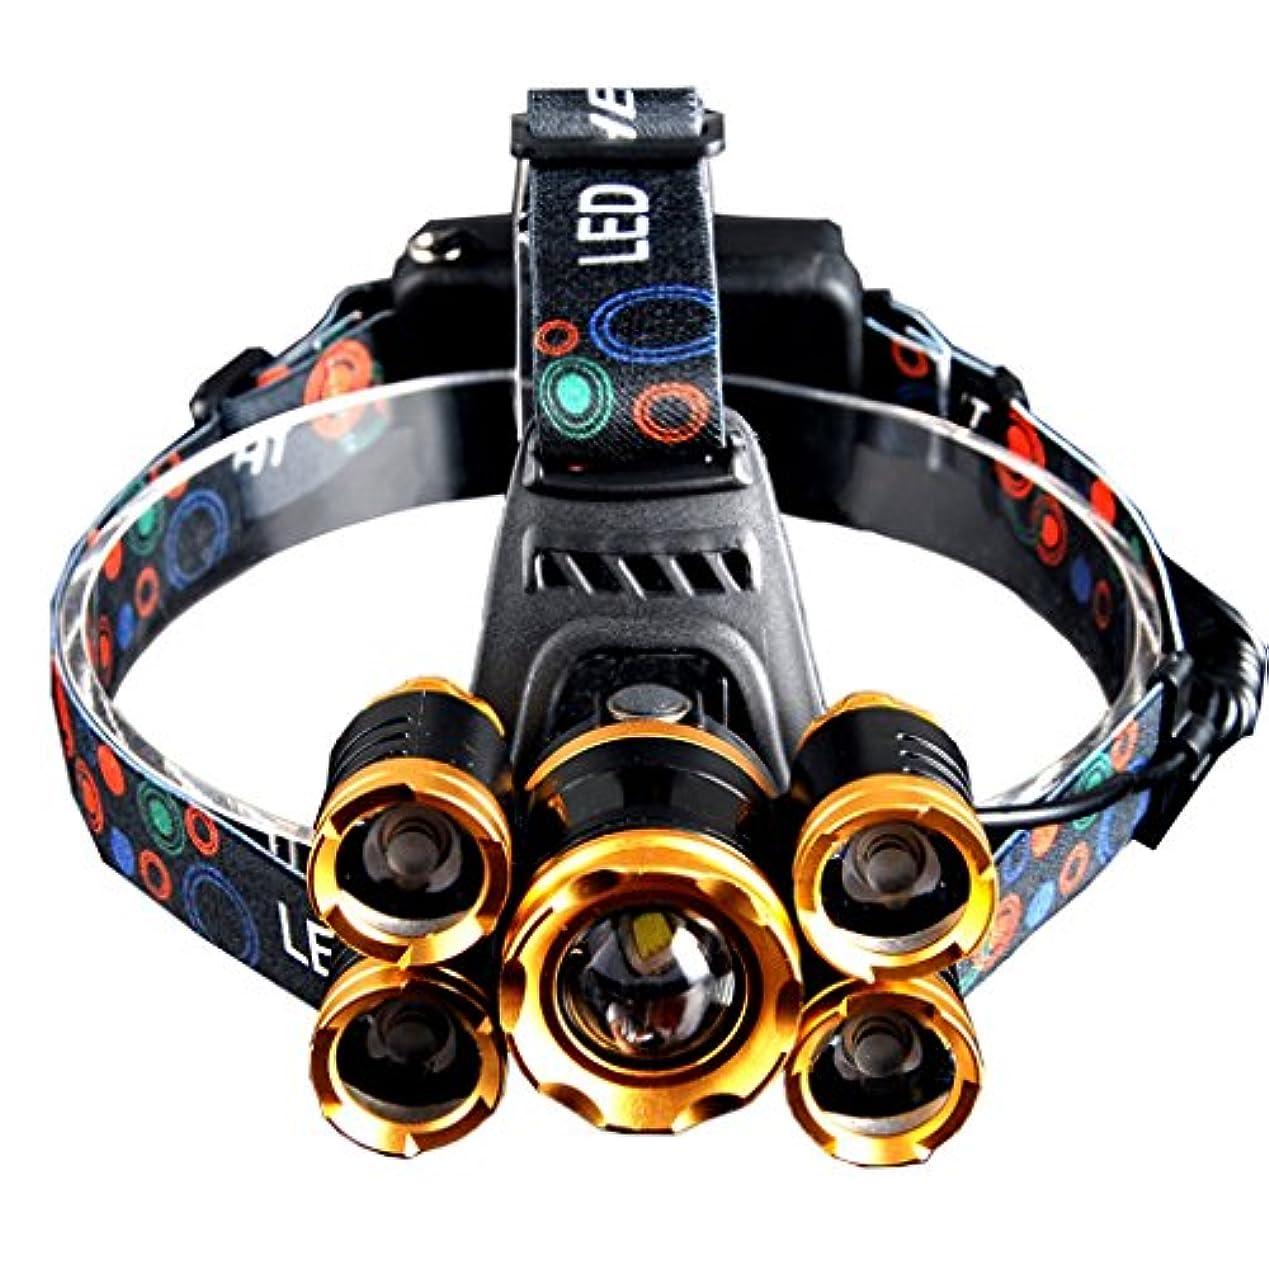 ピン苦悩豊富なヘッドライト スーパーブライトヘッドマウントセンサーヘッドライトLED誘導防水ヘッドライトライト充電スーパーブライト釣り懐中電灯サーチライト (Size : Five heads)